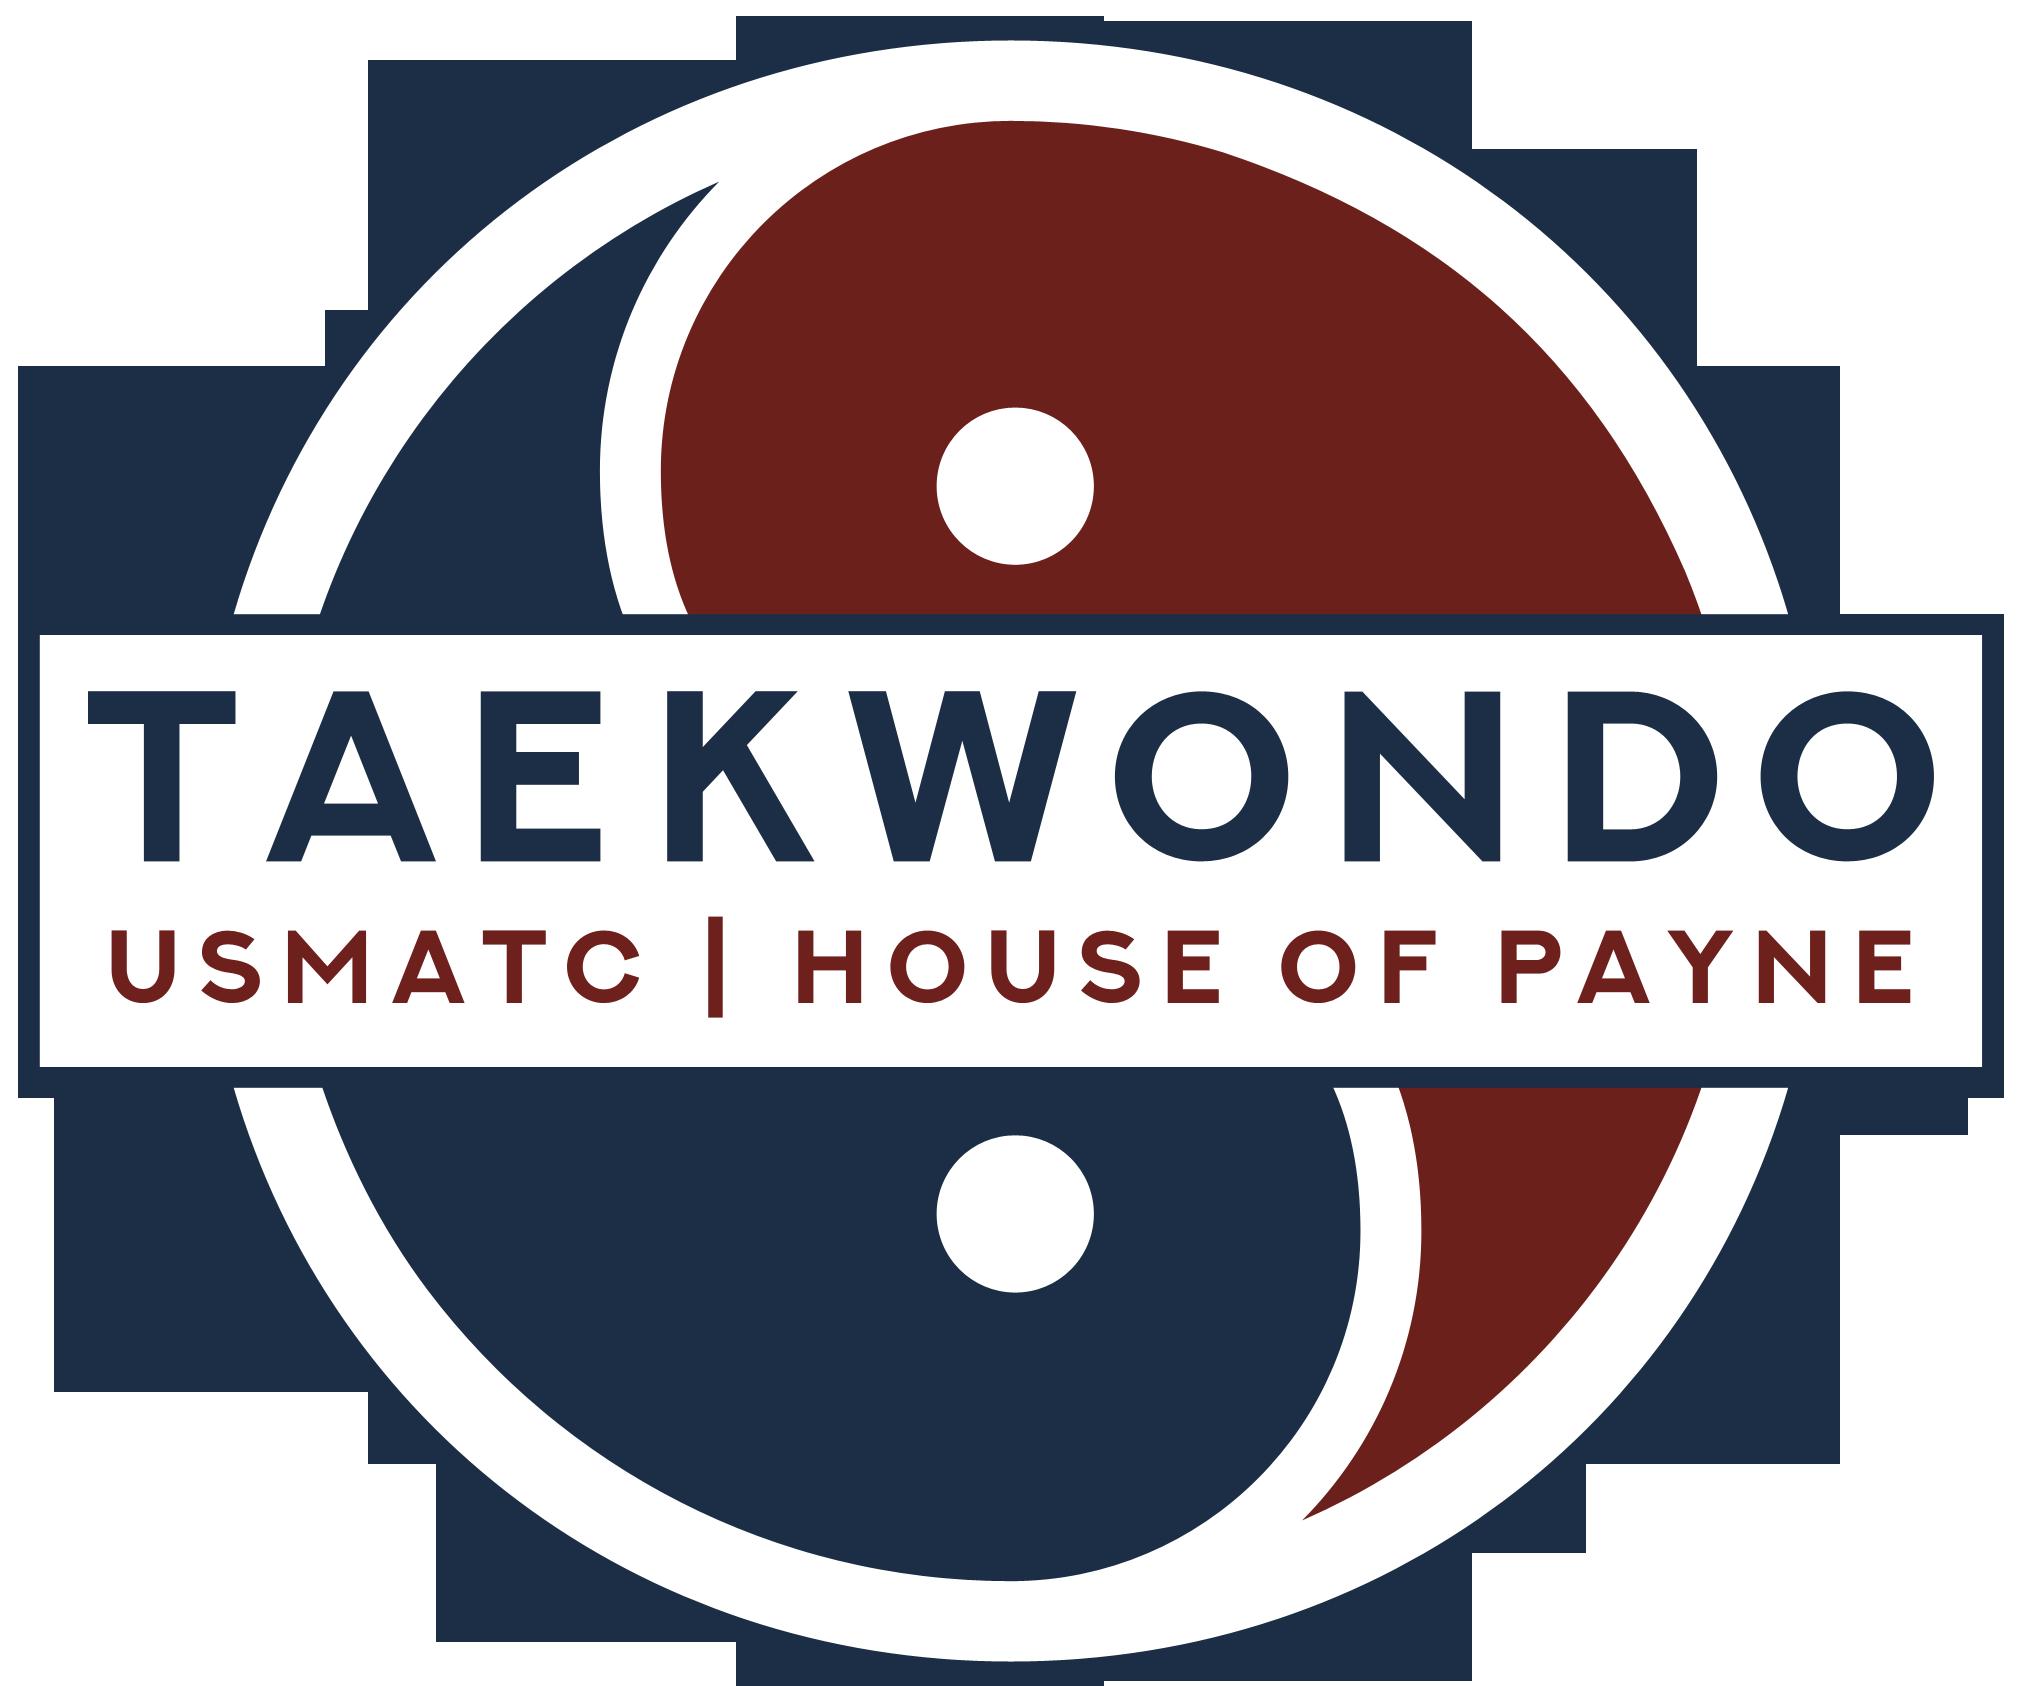 Introductory Offer- Taekwondo